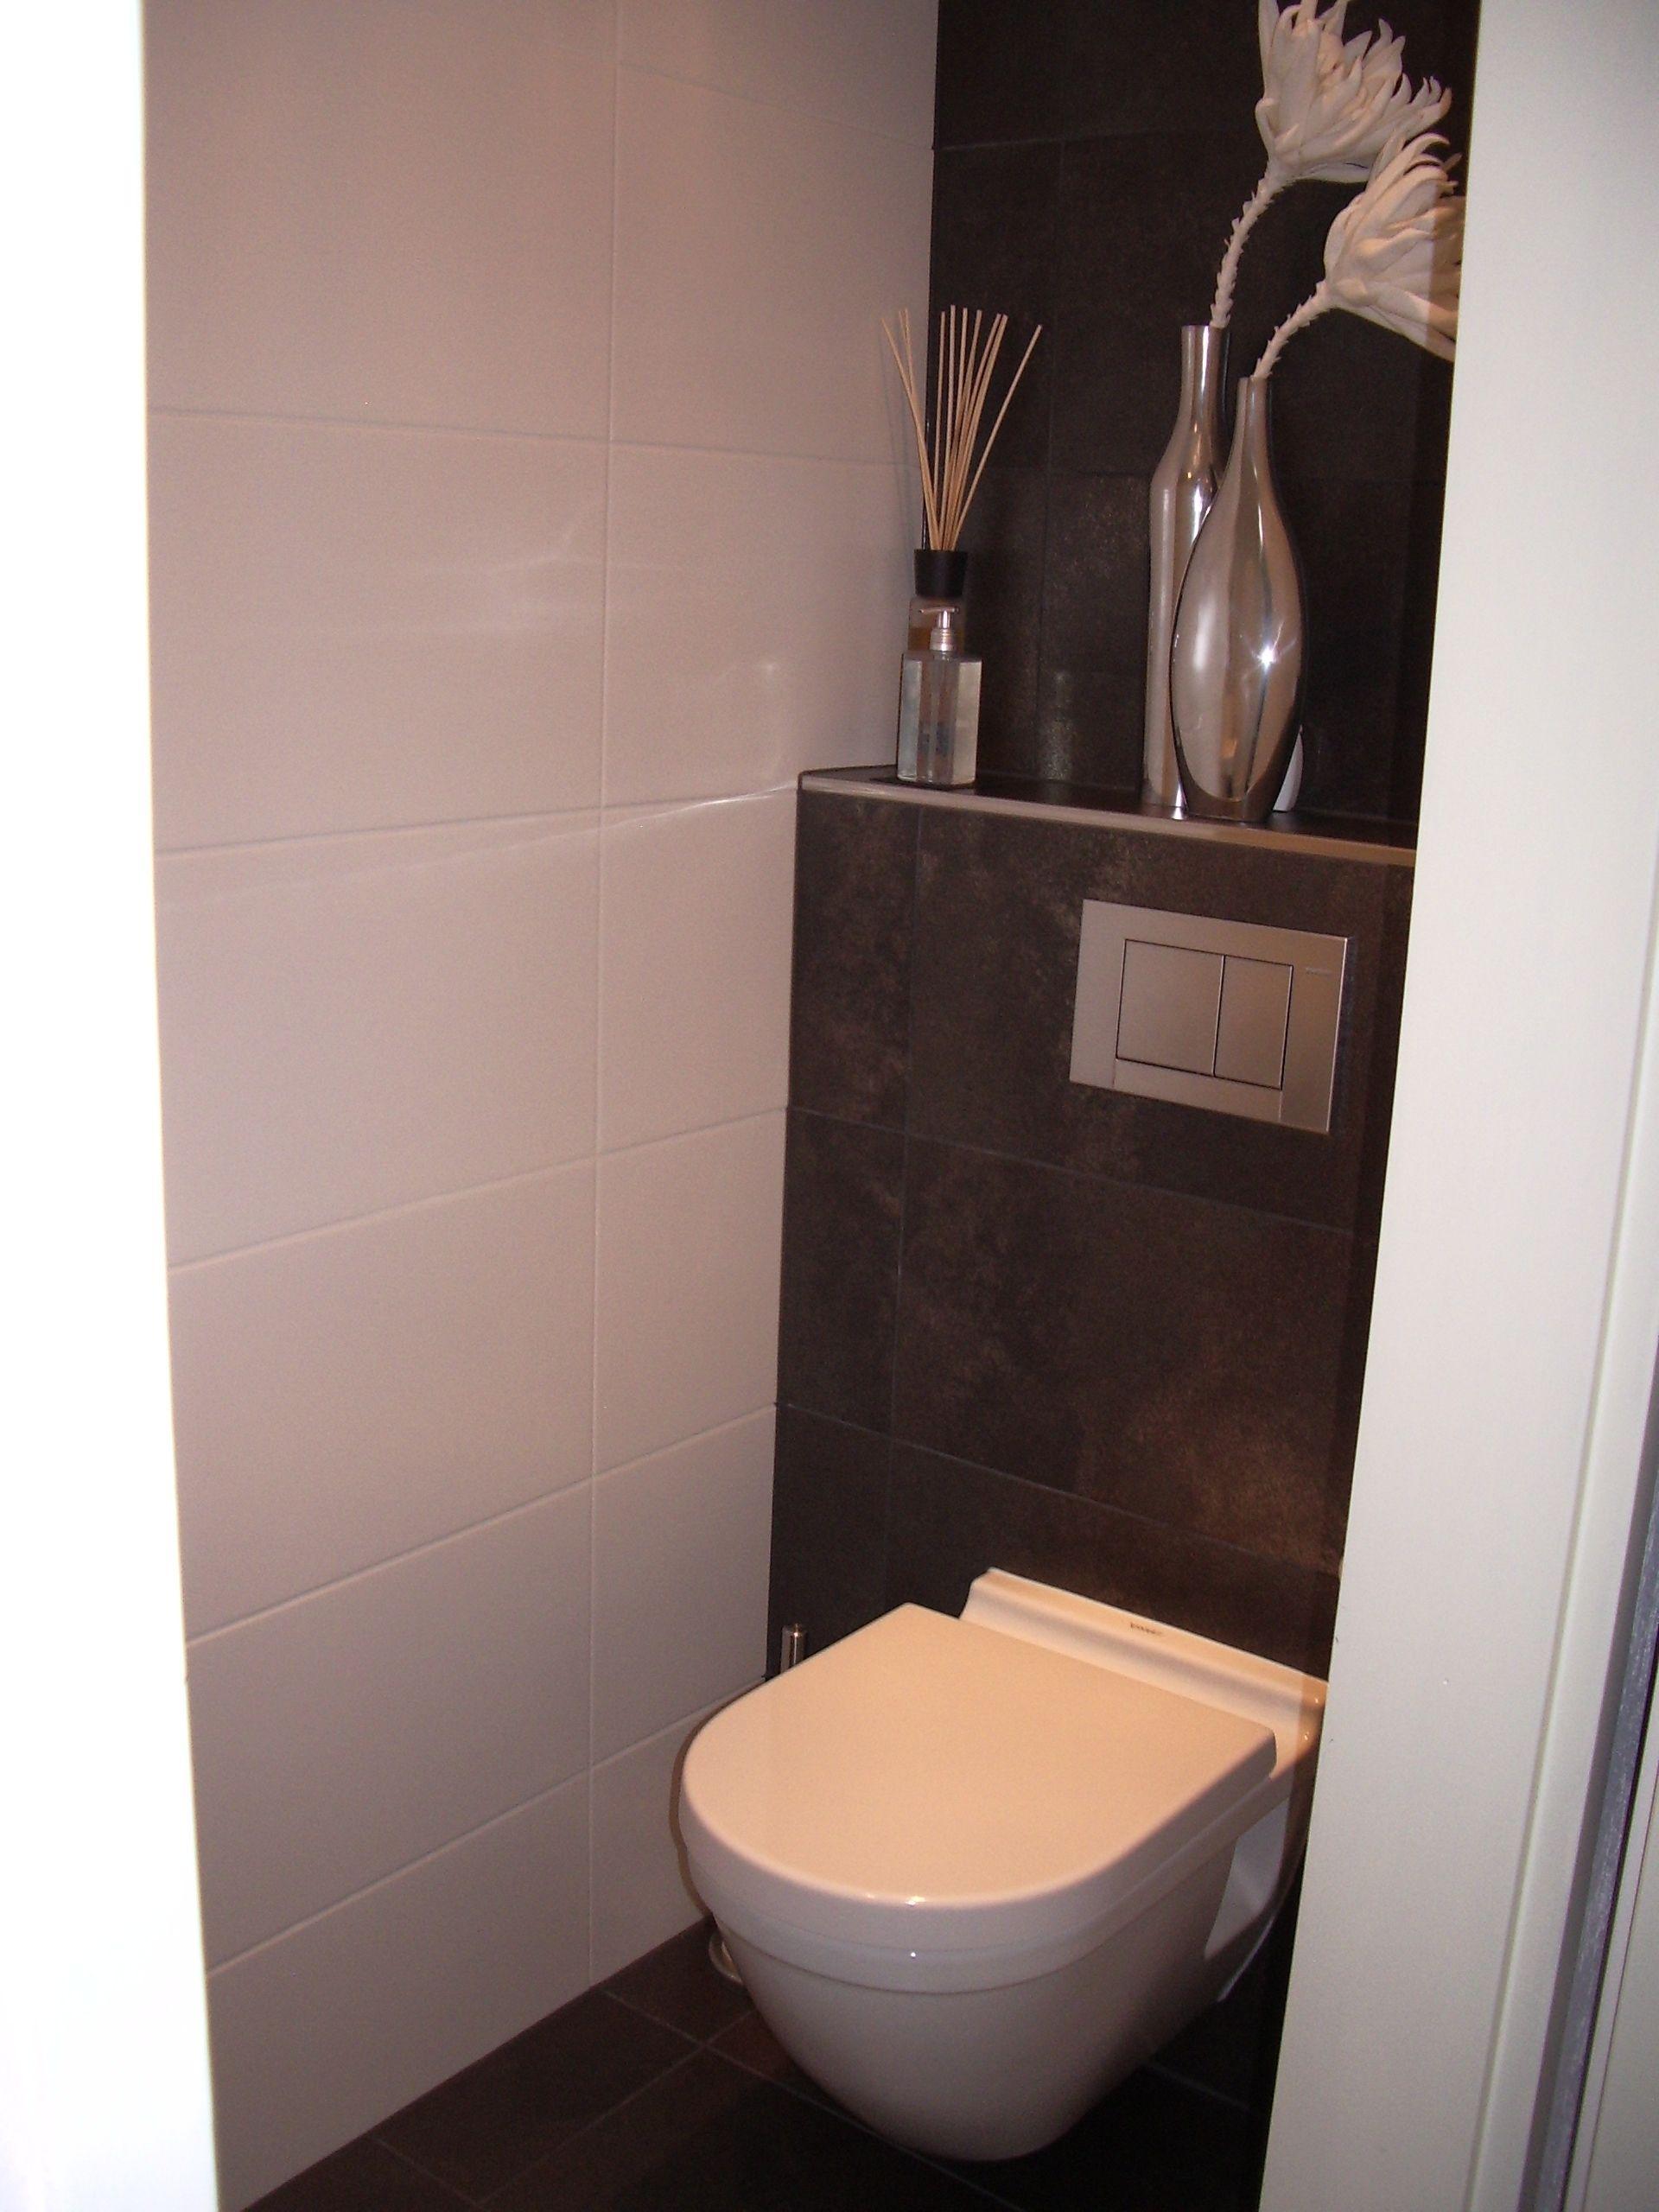 twee verschillende tegels in de toiletruimte wc pinterest g ste wc gast und sch ner wohnen. Black Bedroom Furniture Sets. Home Design Ideas